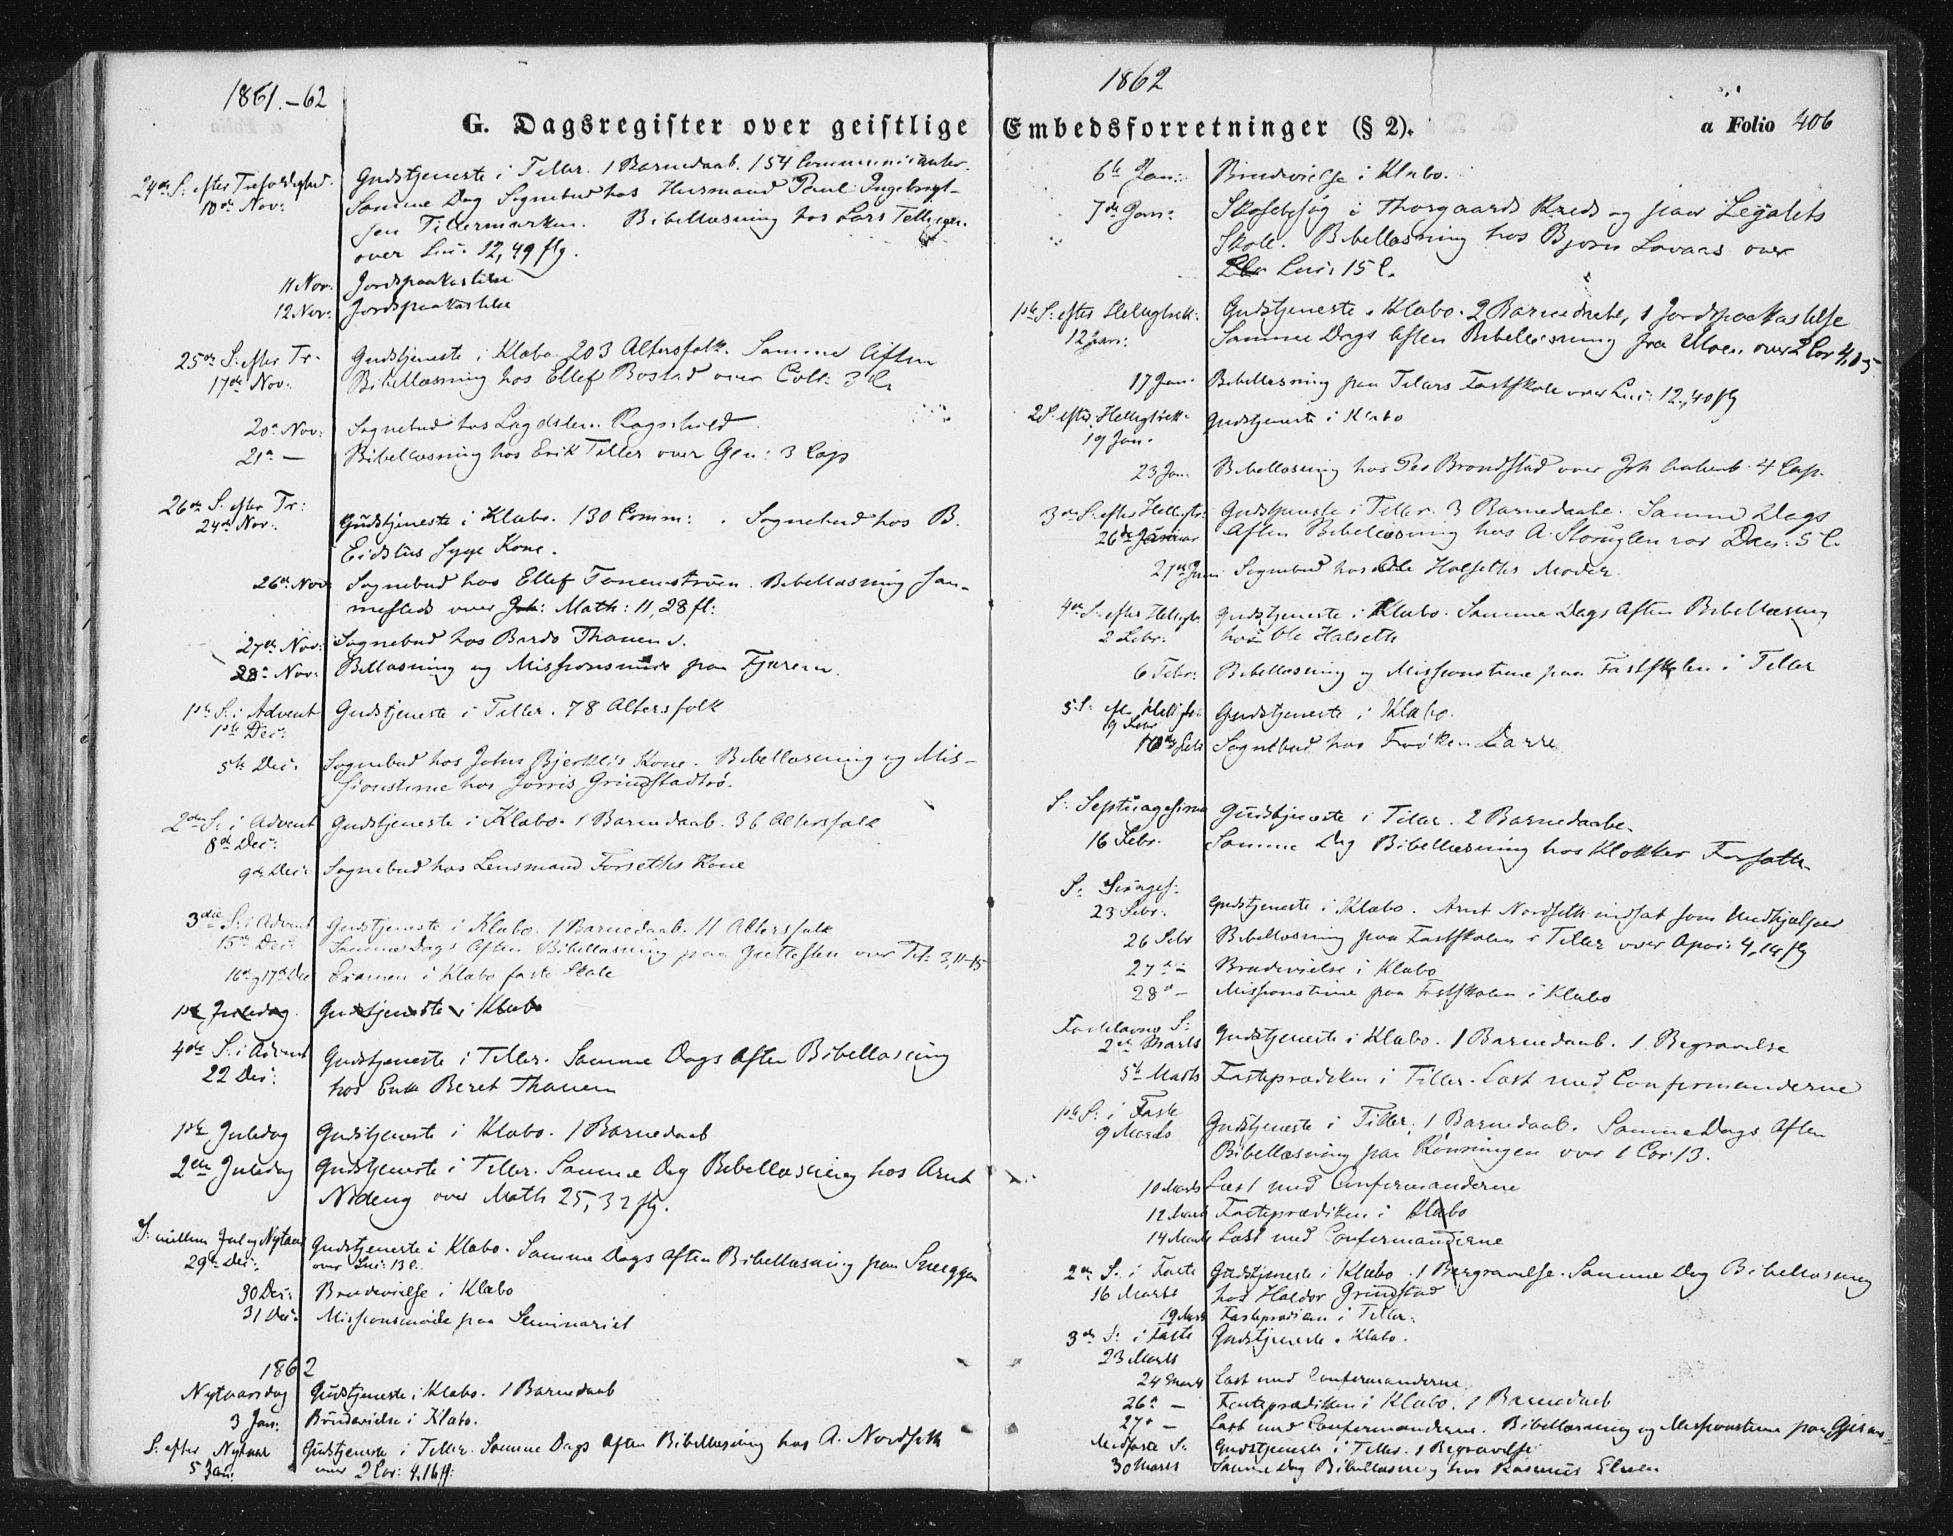 SAT, Ministerialprotokoller, klokkerbøker og fødselsregistre - Sør-Trøndelag, 618/L0441: Ministerialbok nr. 618A05, 1843-1862, s. 406